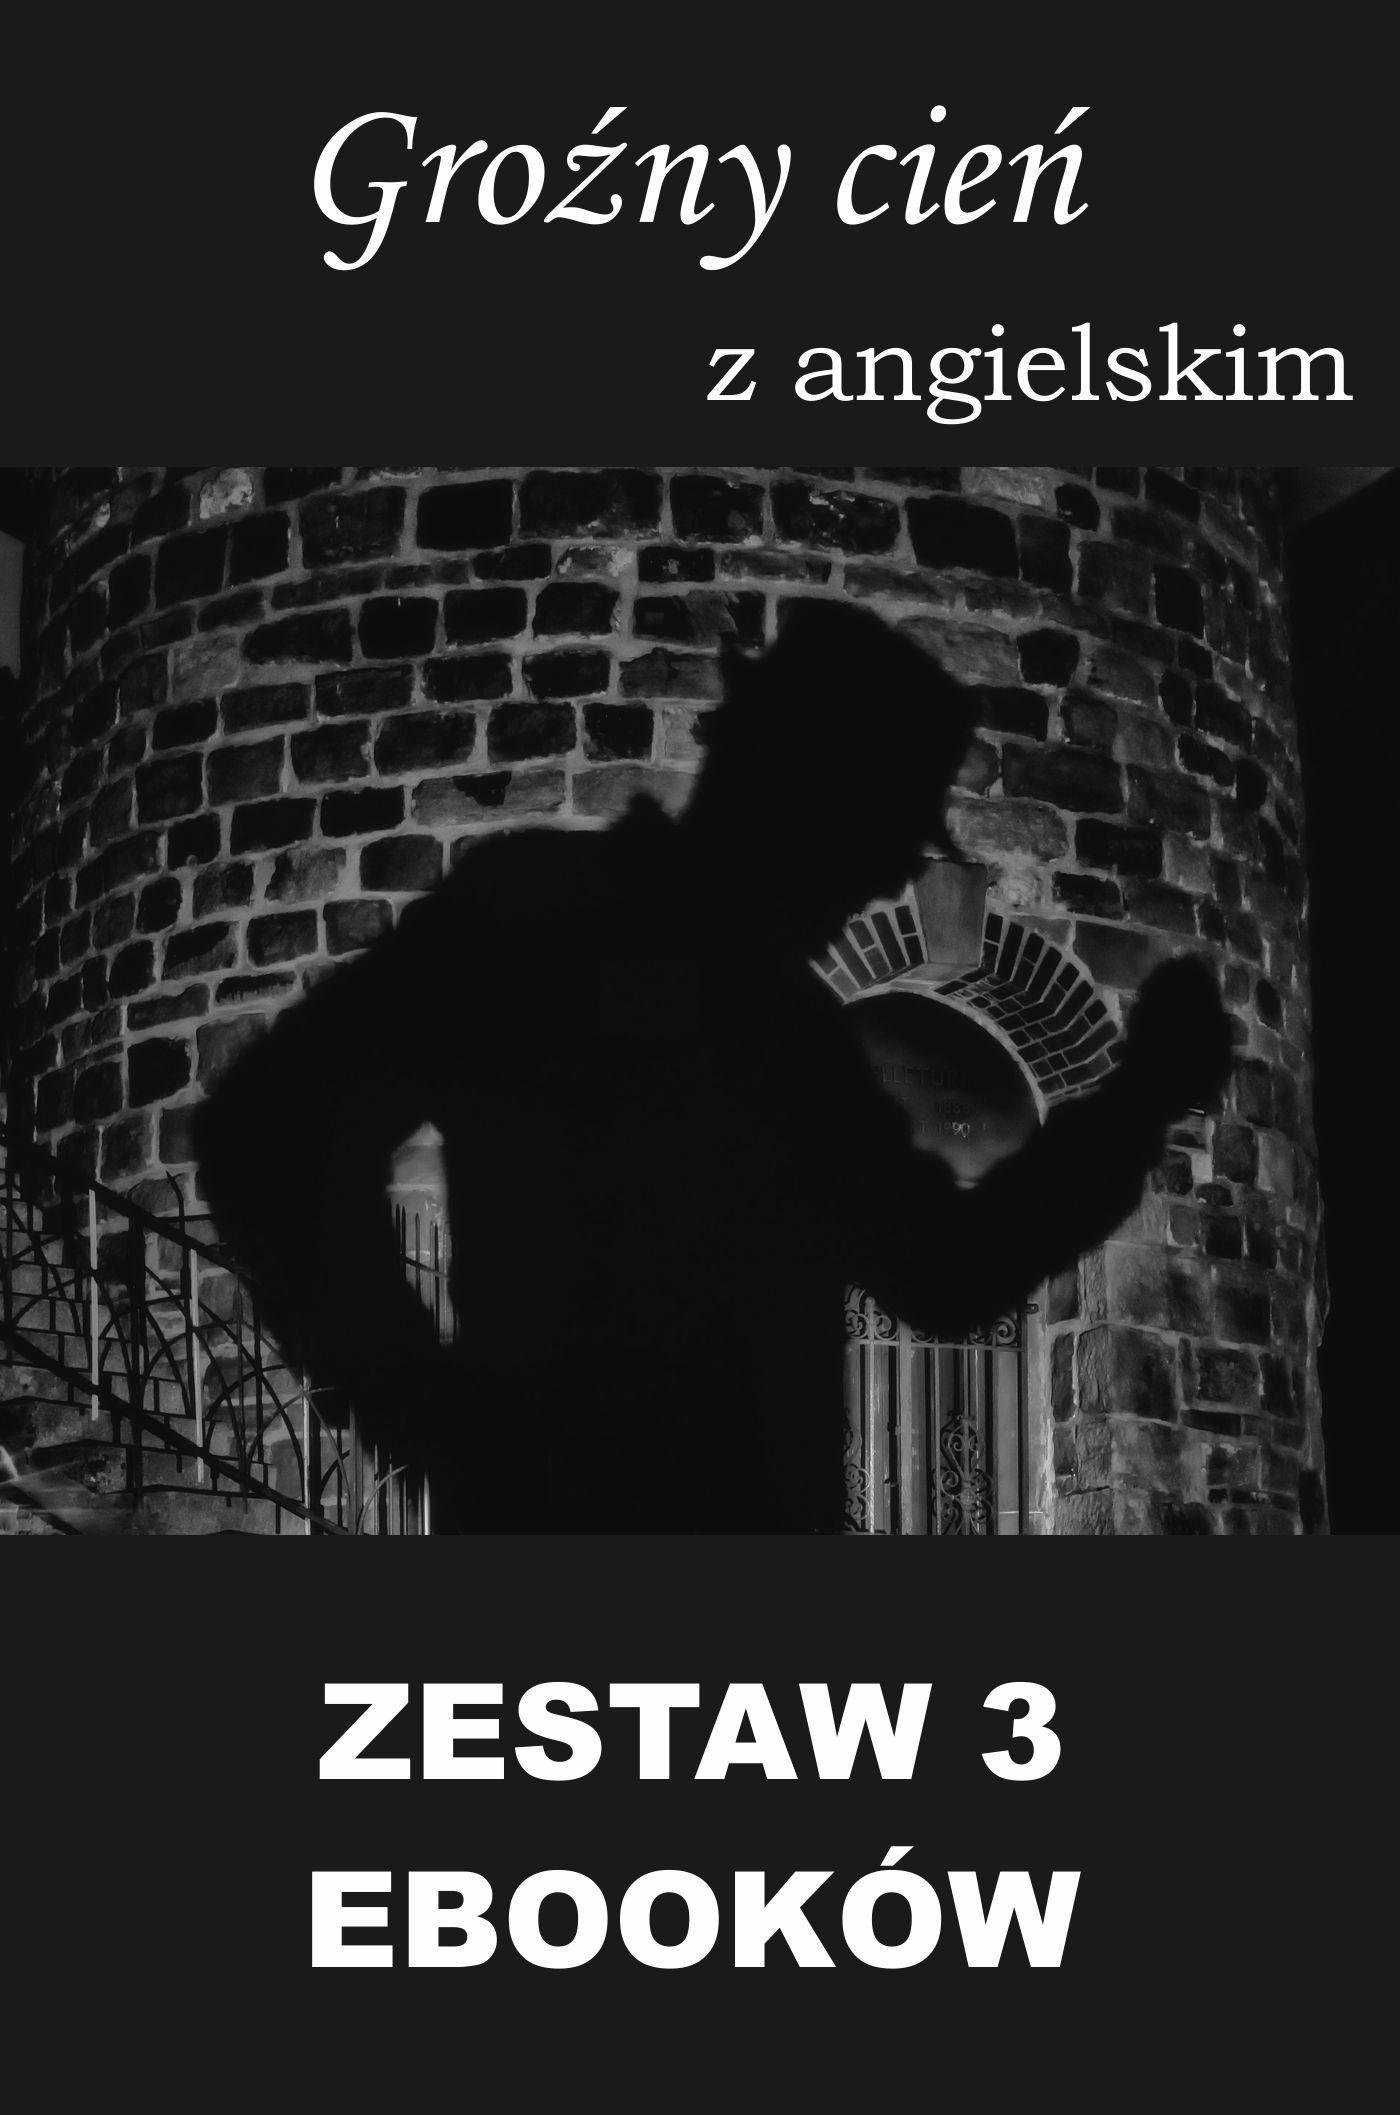 3 ebooki: Groźny cień, Tłumacz grecki, Nauka angielskiego z książką dwujęzyczną - Ebook (Książka PDF) do pobrania w formacie PDF